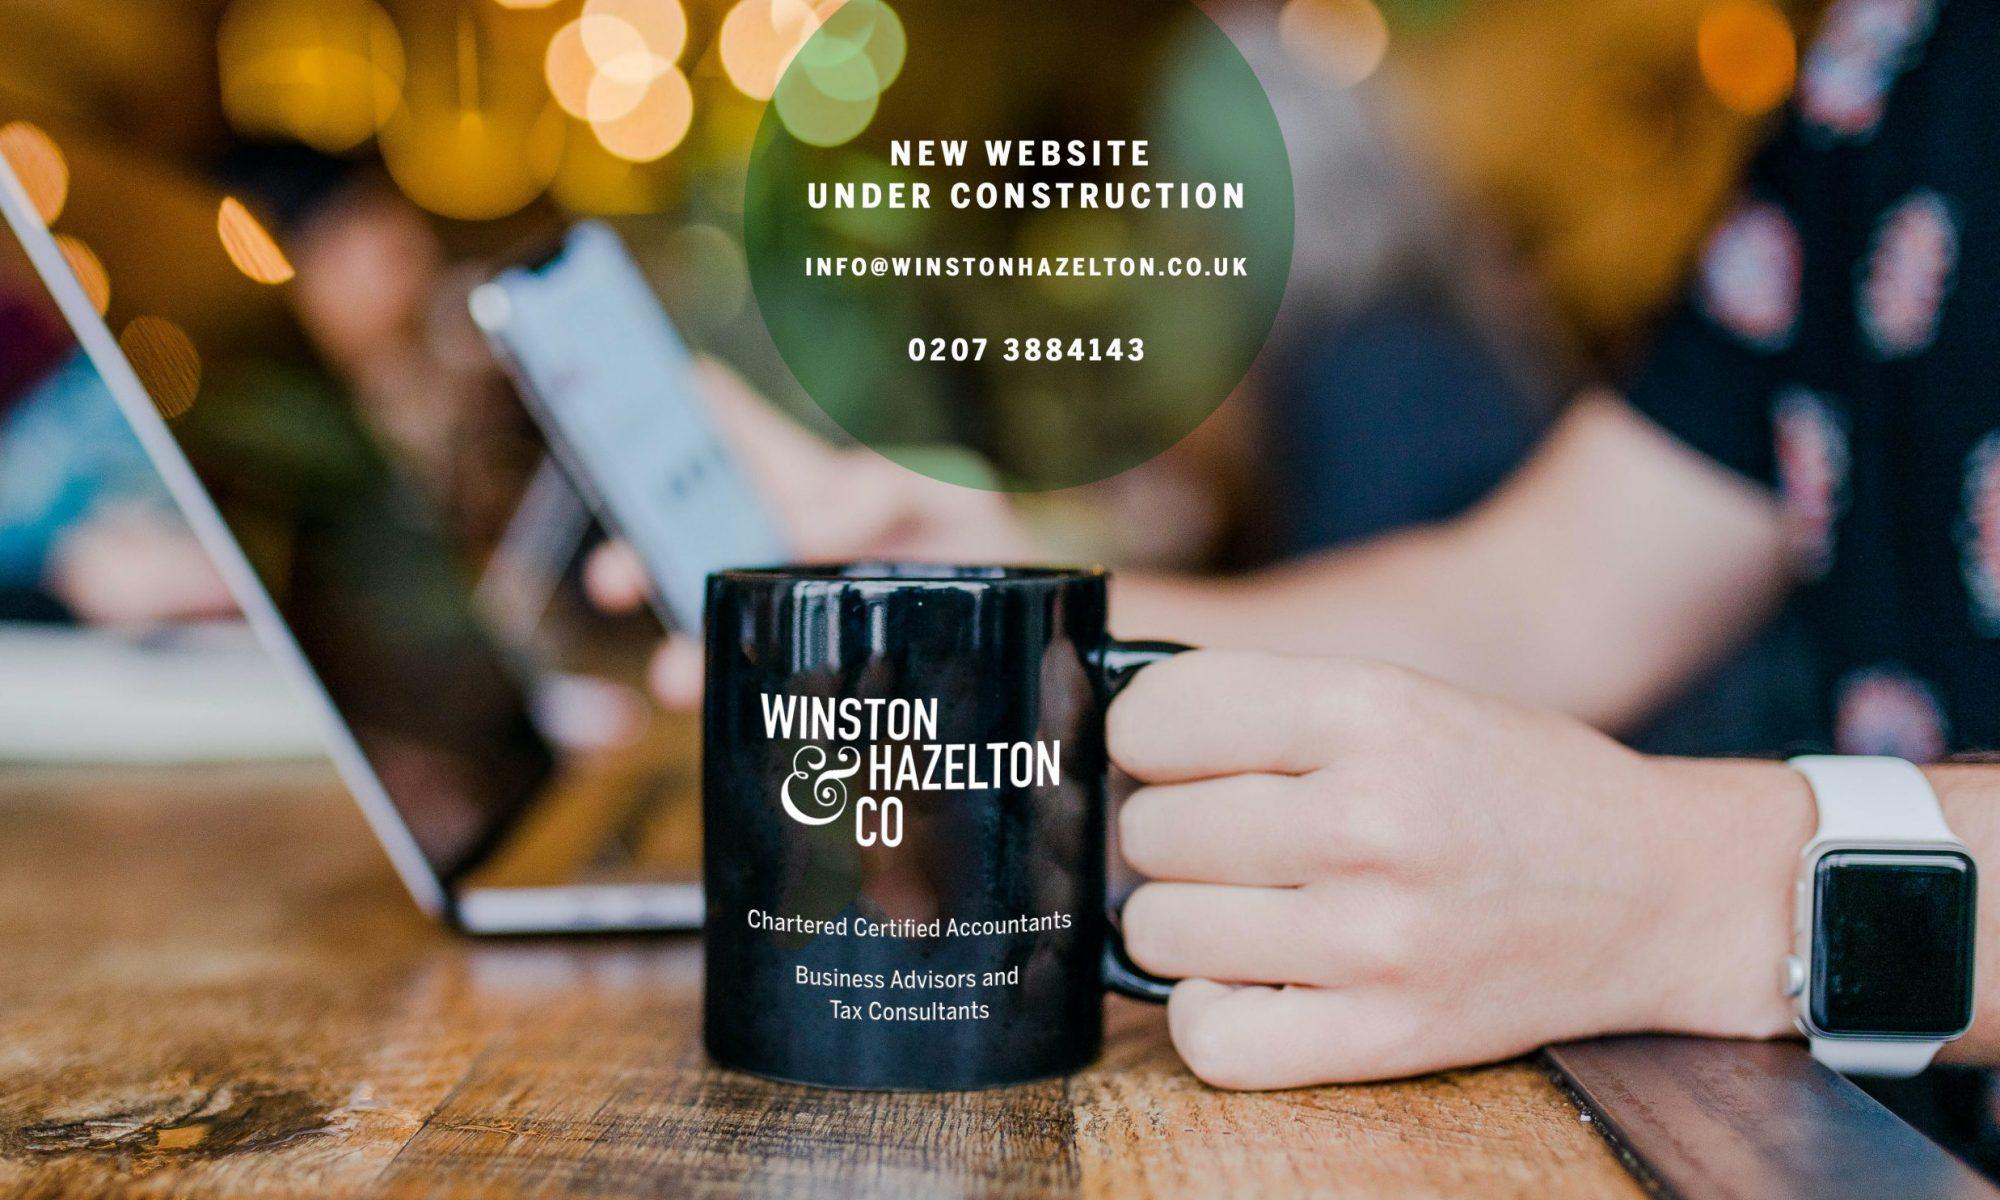 Winston Hazelton & Co